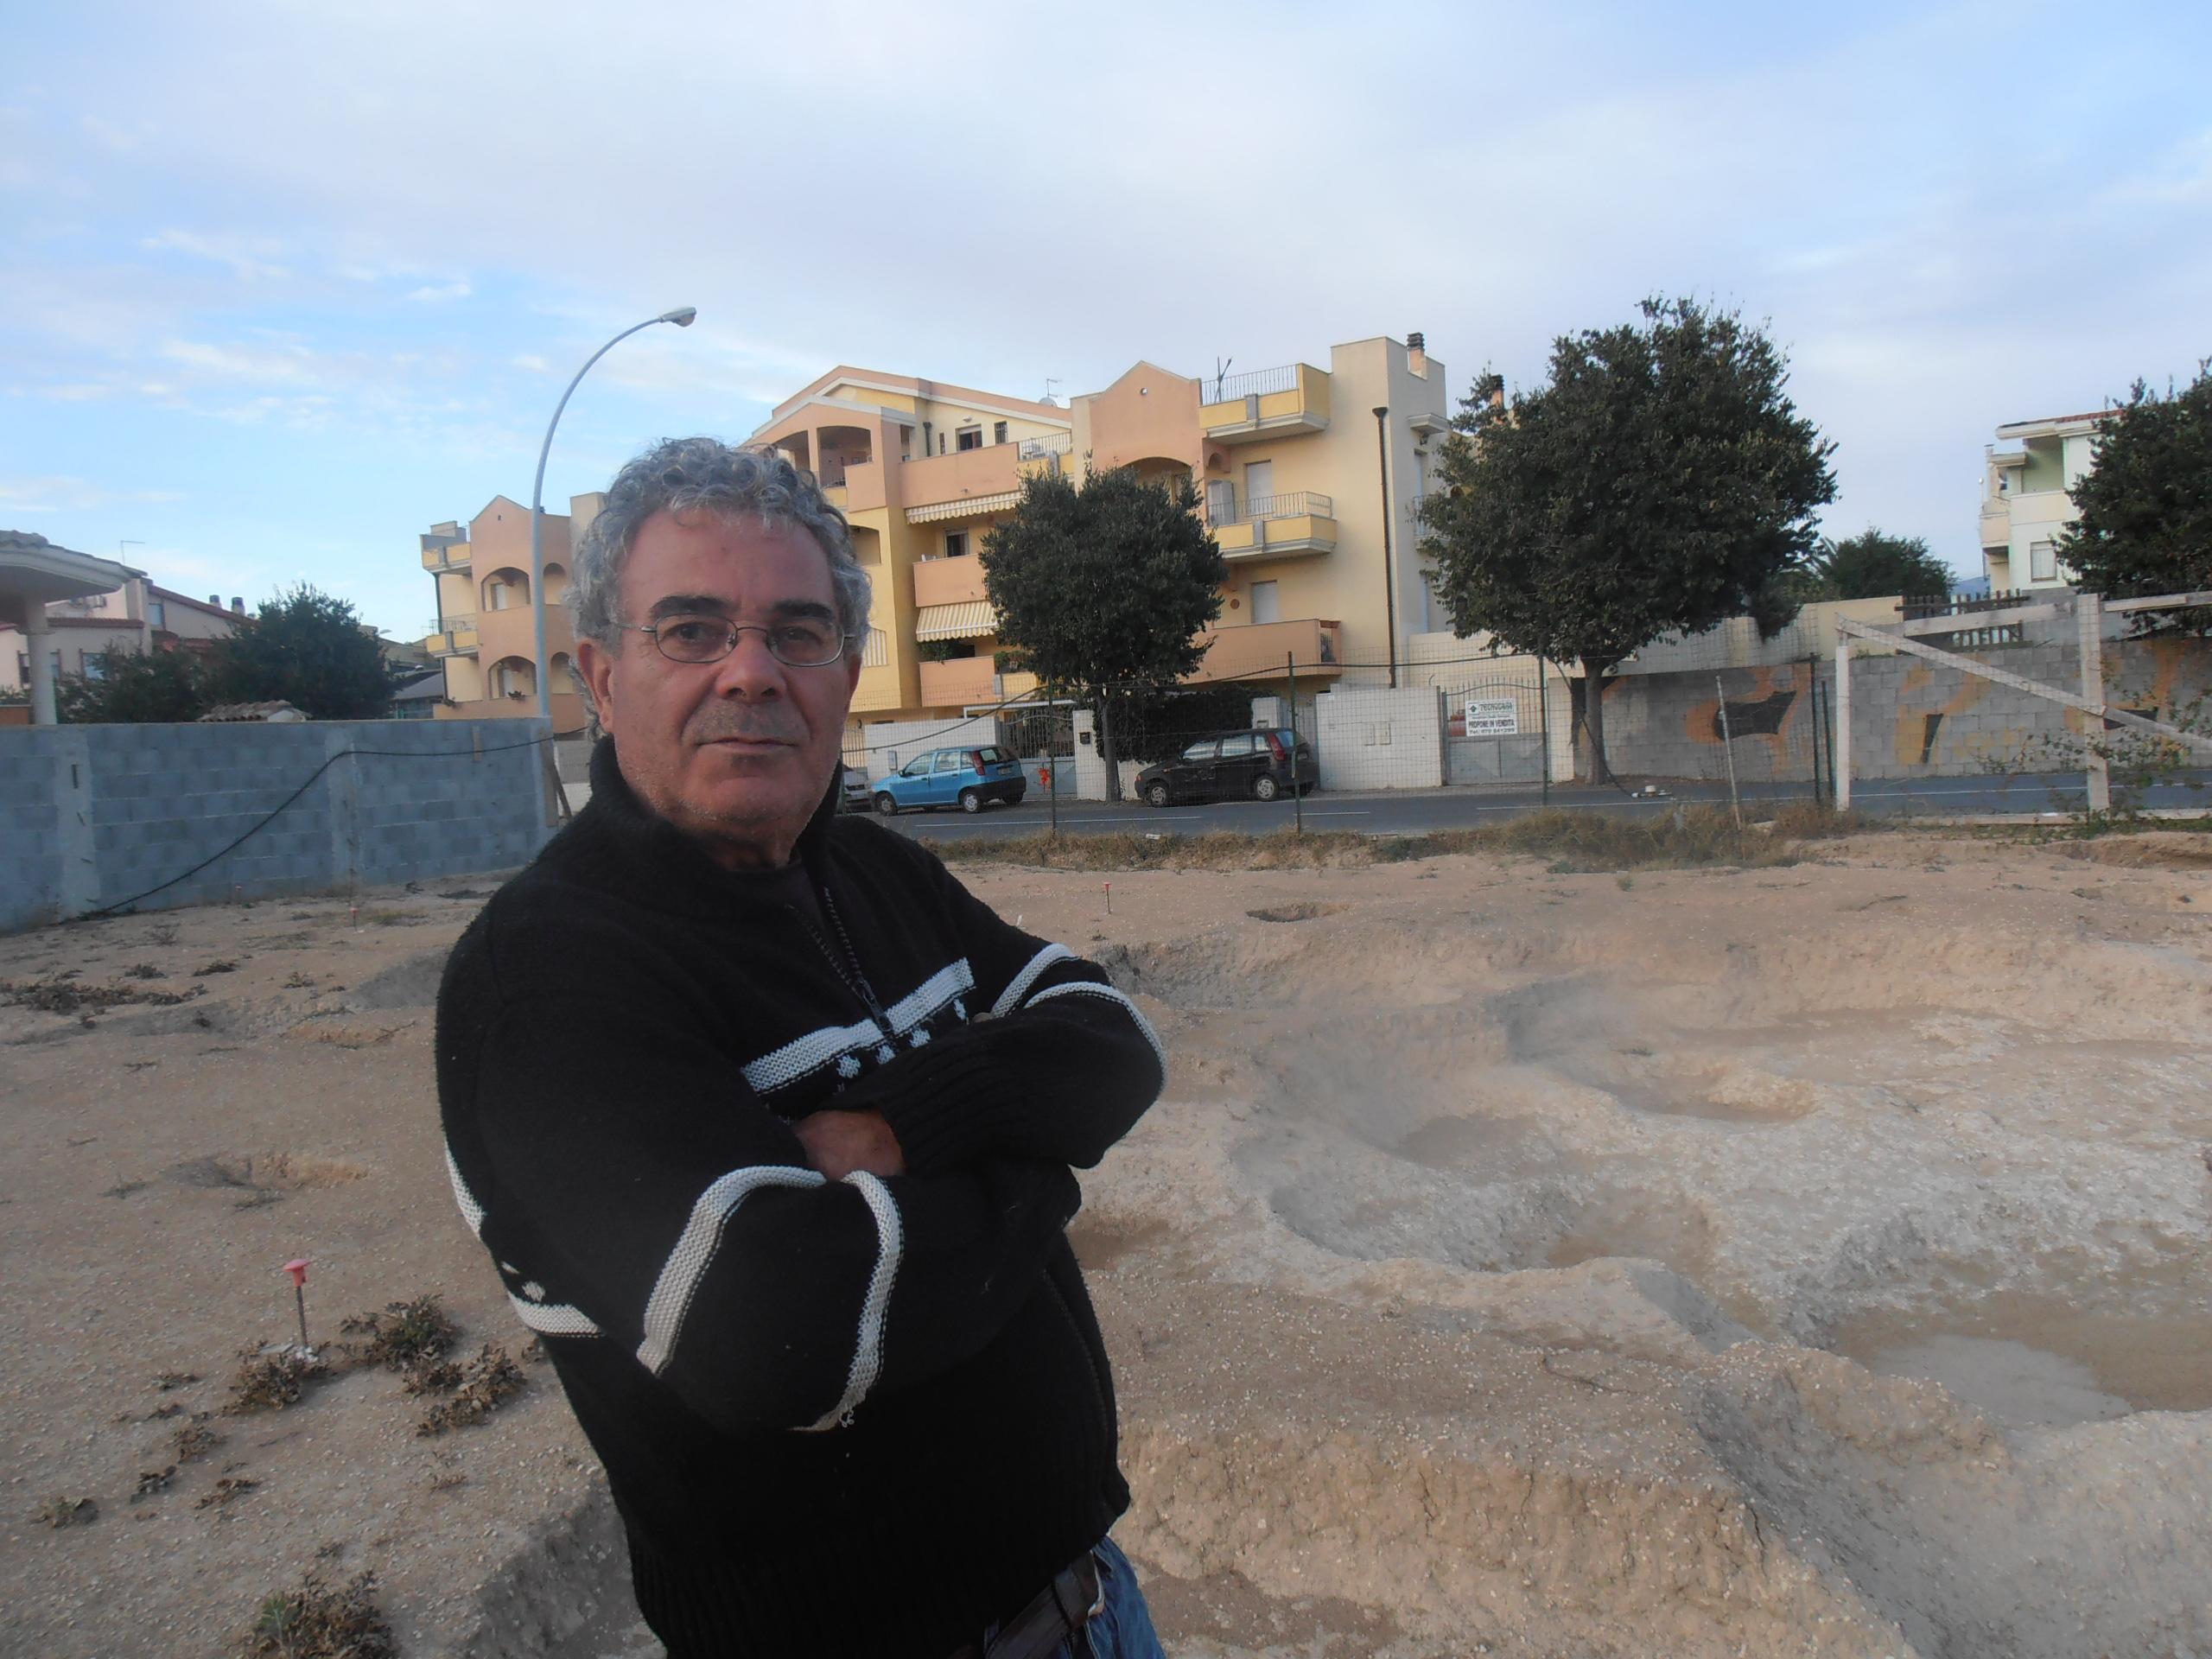 Carlo Desogus Archeologo per passione di Selargius autore di numerosi libri sulla storia della Sardegna.